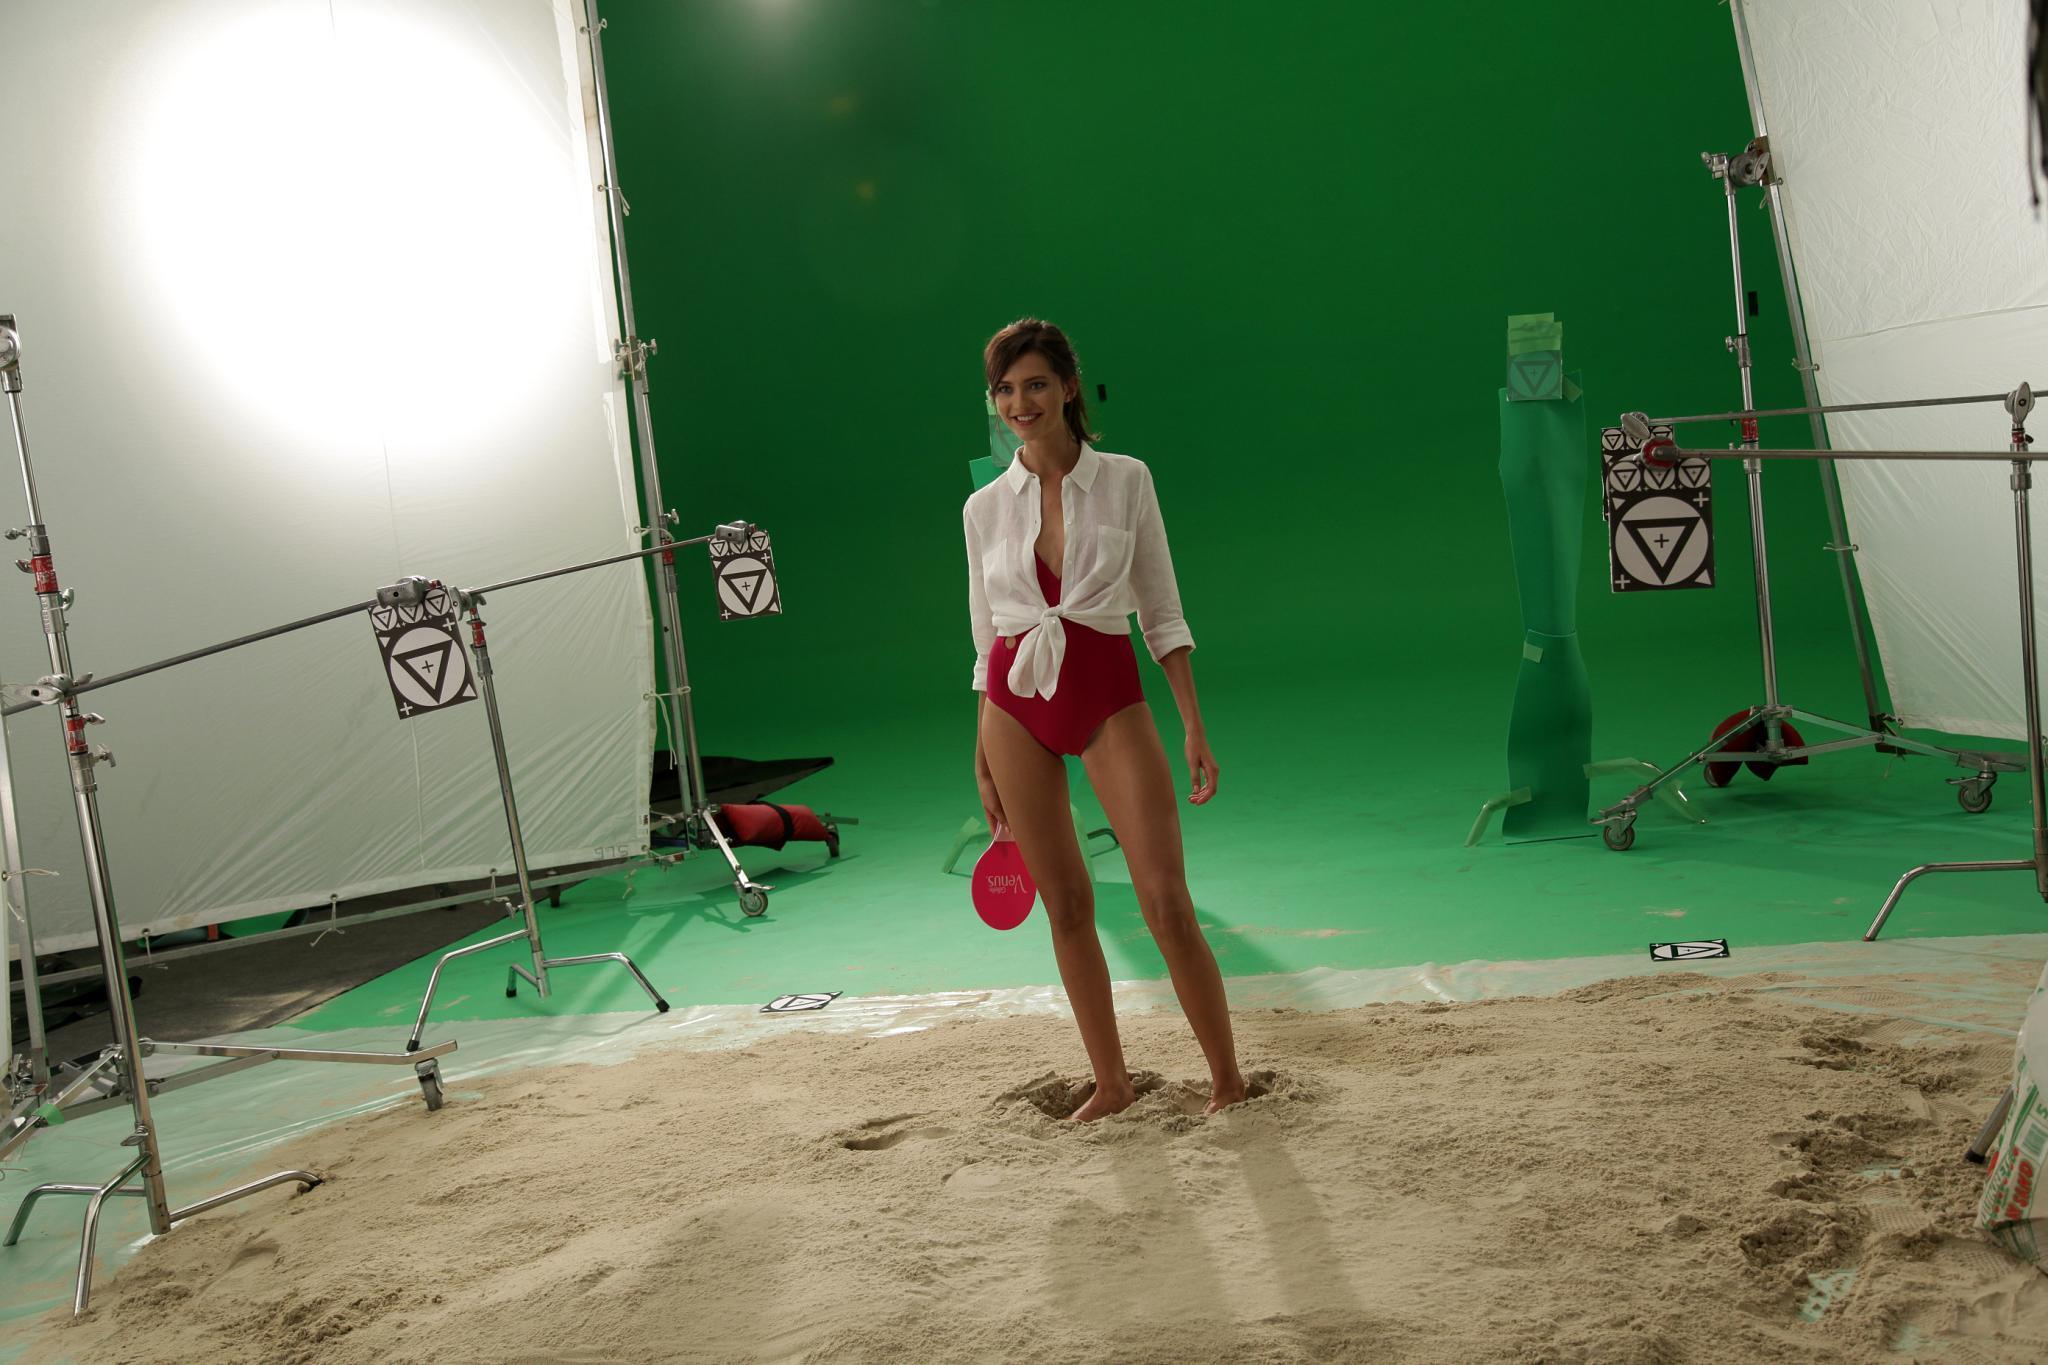 Auch wenn es im Fotostudio natürlich keinen echten Strand gab, hatte die Supermodelanwärterin viel Spaß.